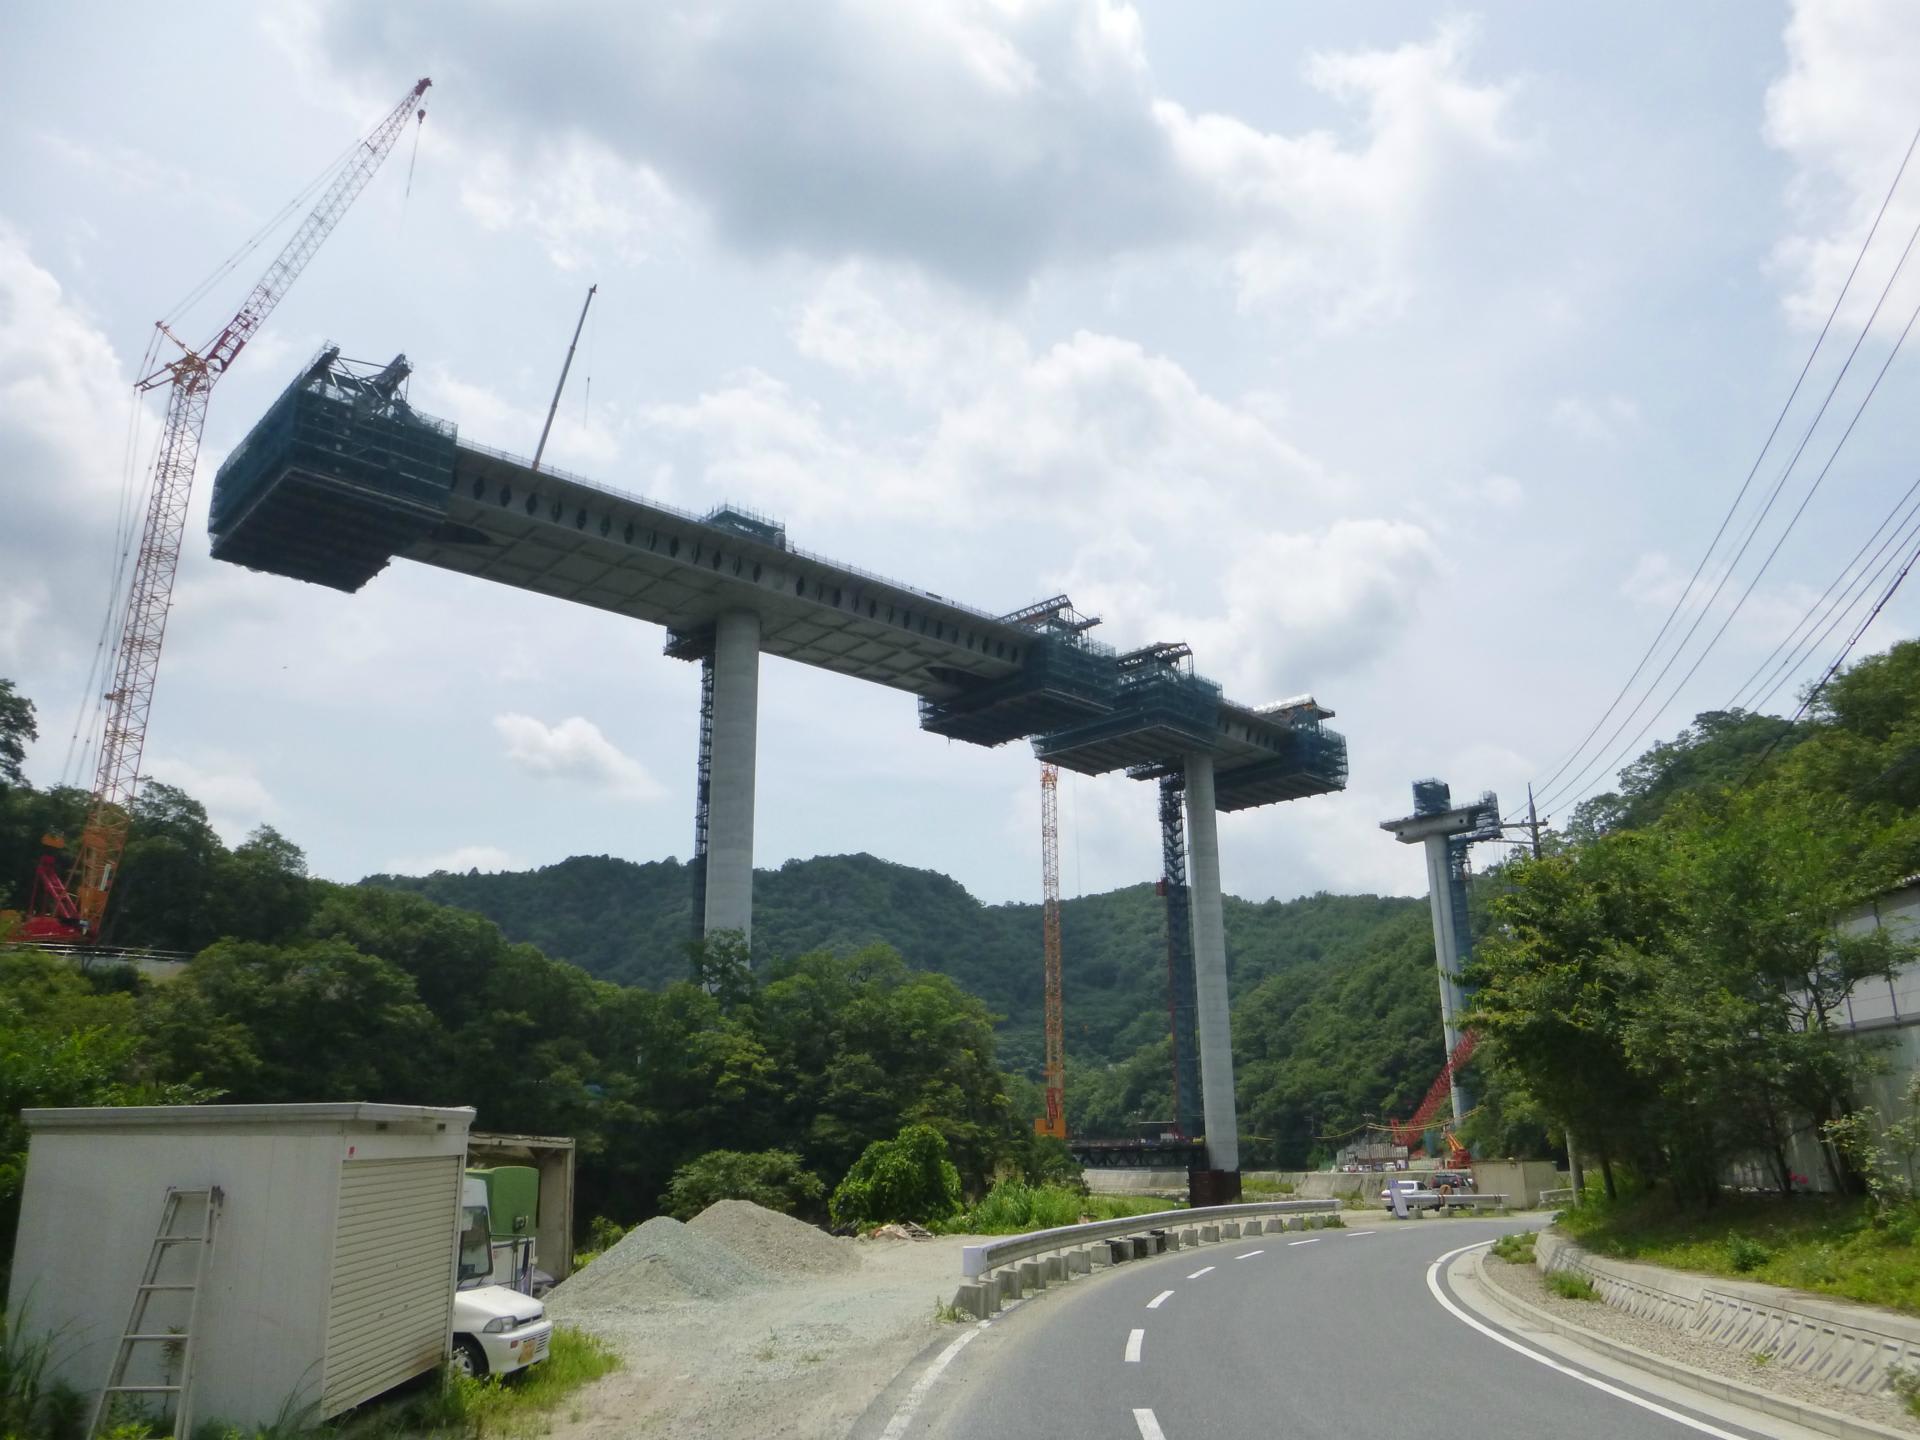 新名神の橋梁工事。道路が少し ... : 自転車道場 サドルバッグ : 自転車道